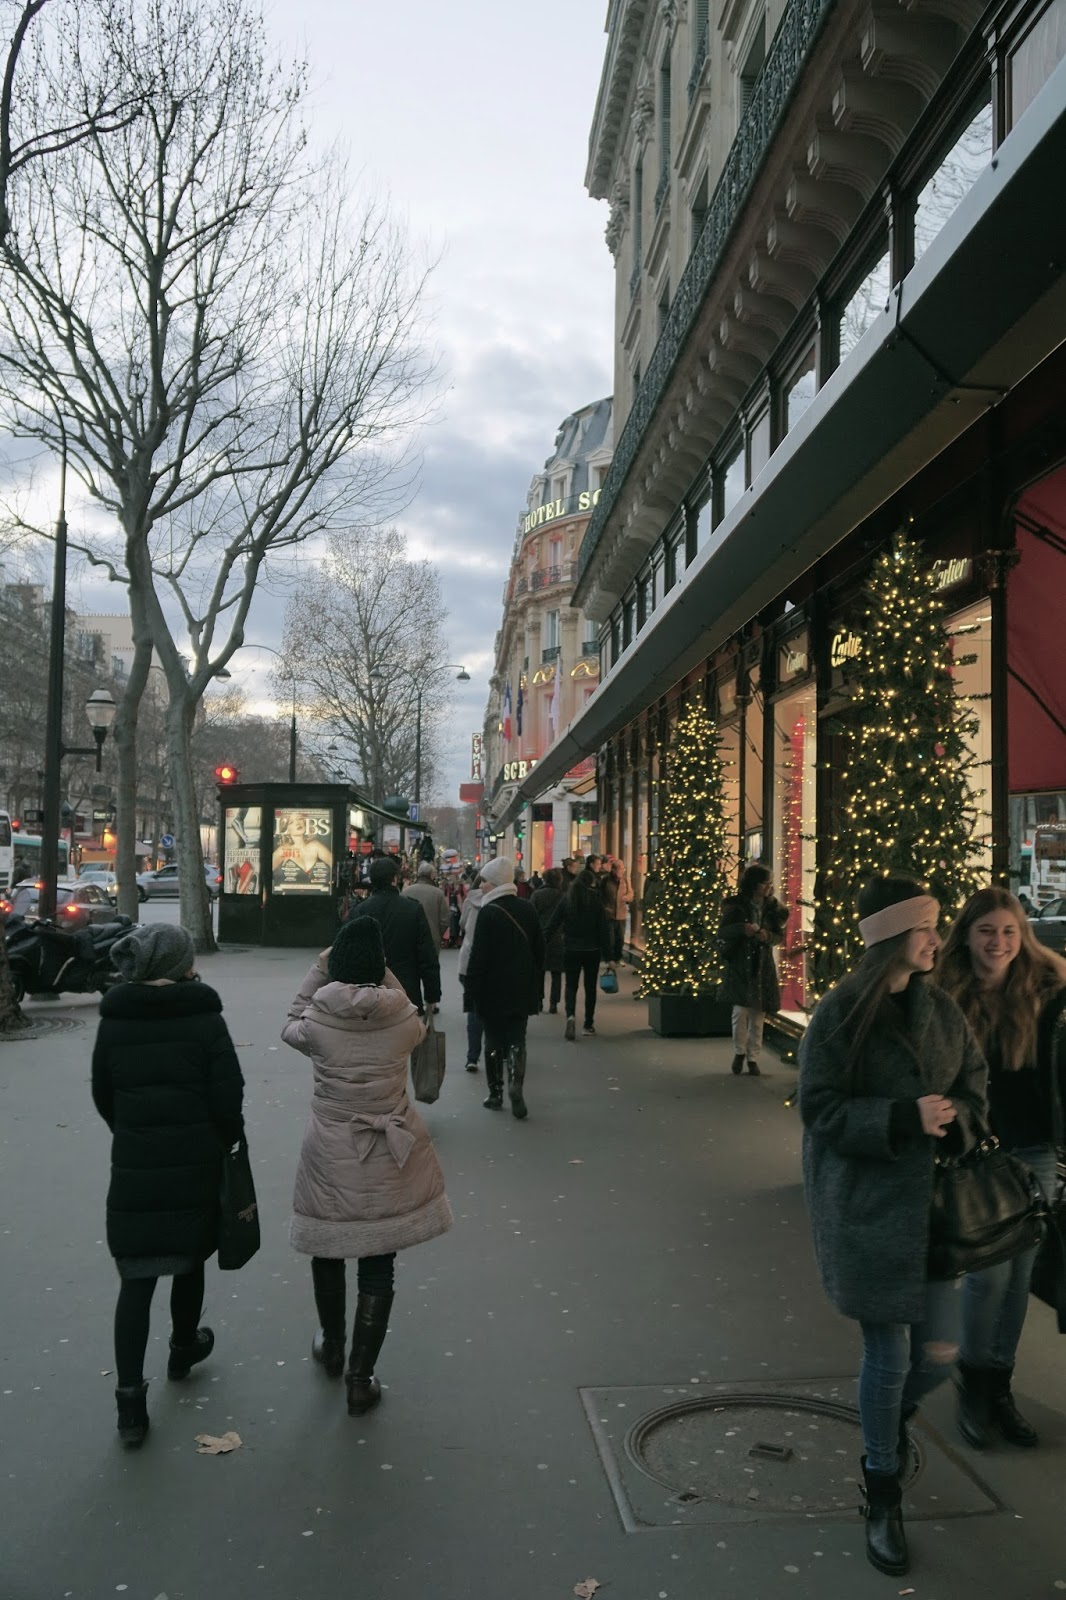 マドレーヌ通り(Boulebvard de la Madeleine)